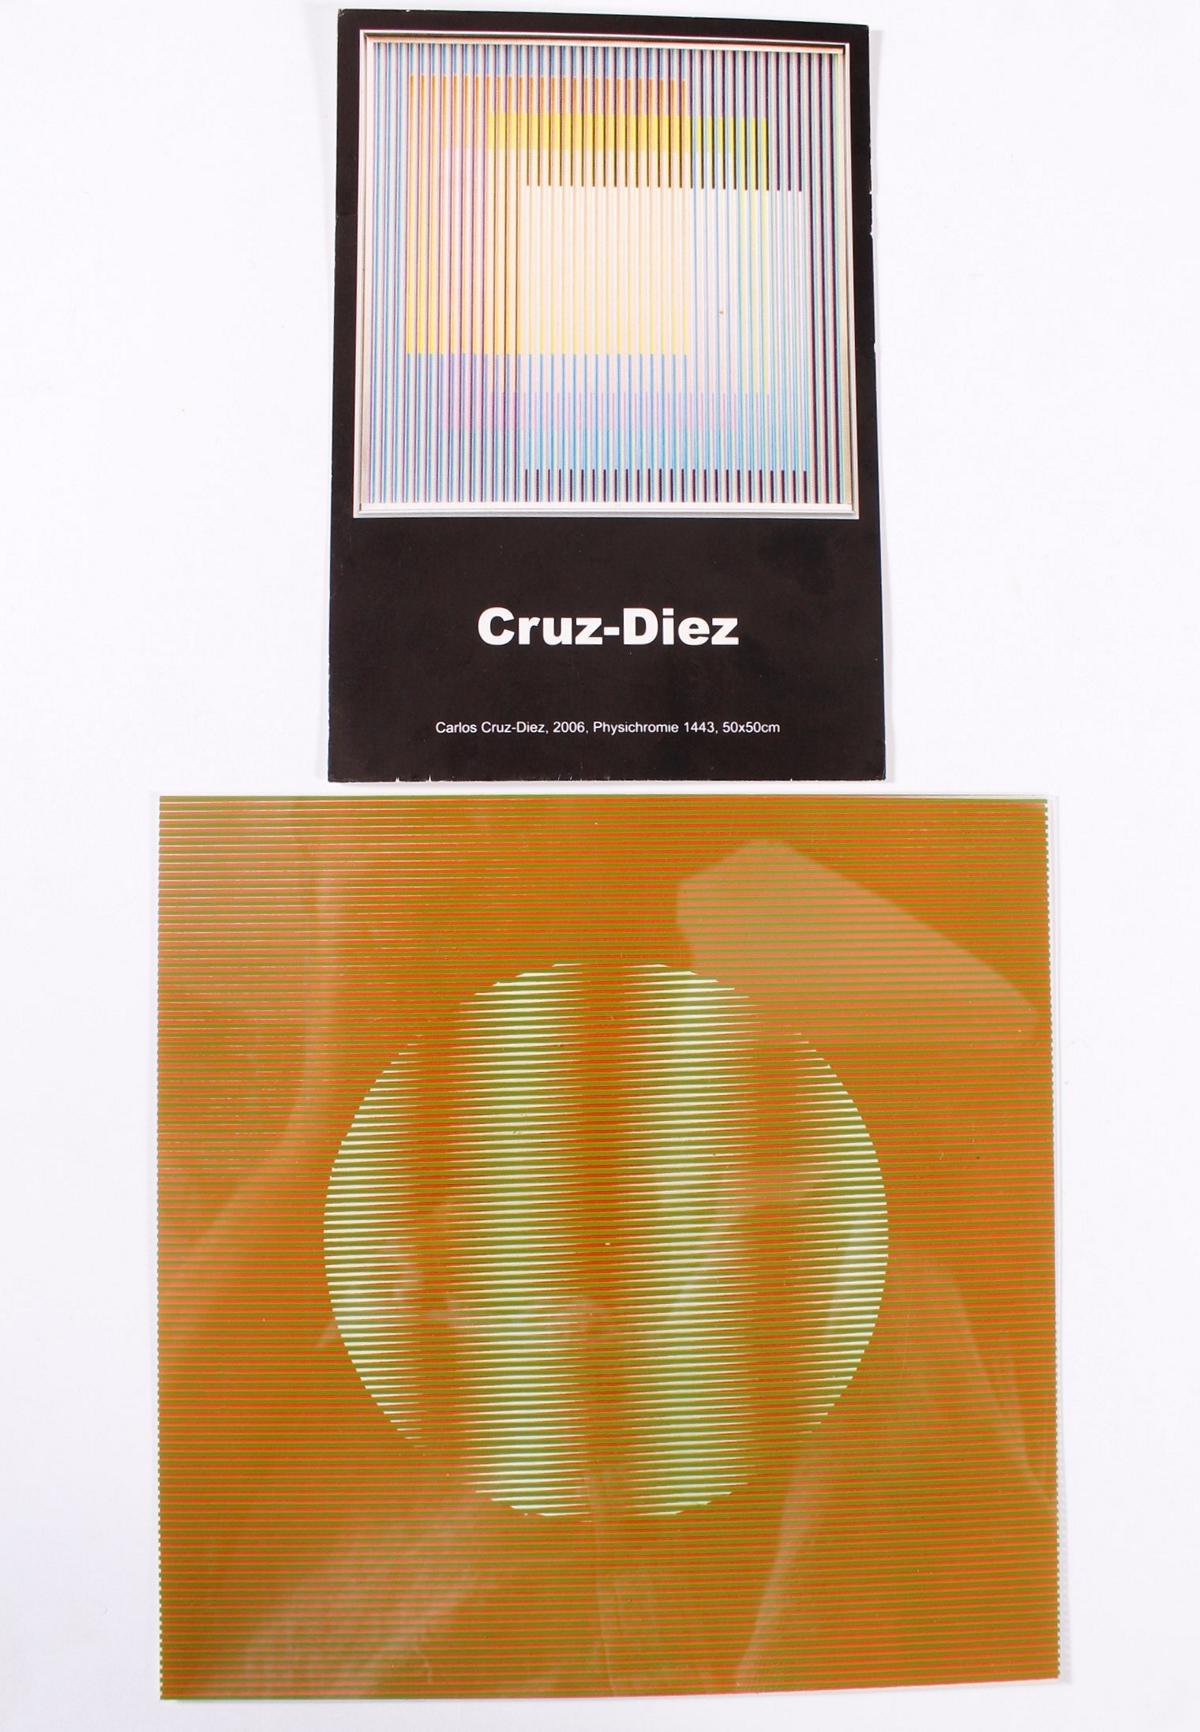 Carlos Cruz-Diez, Serigraphie aus Plexiglas